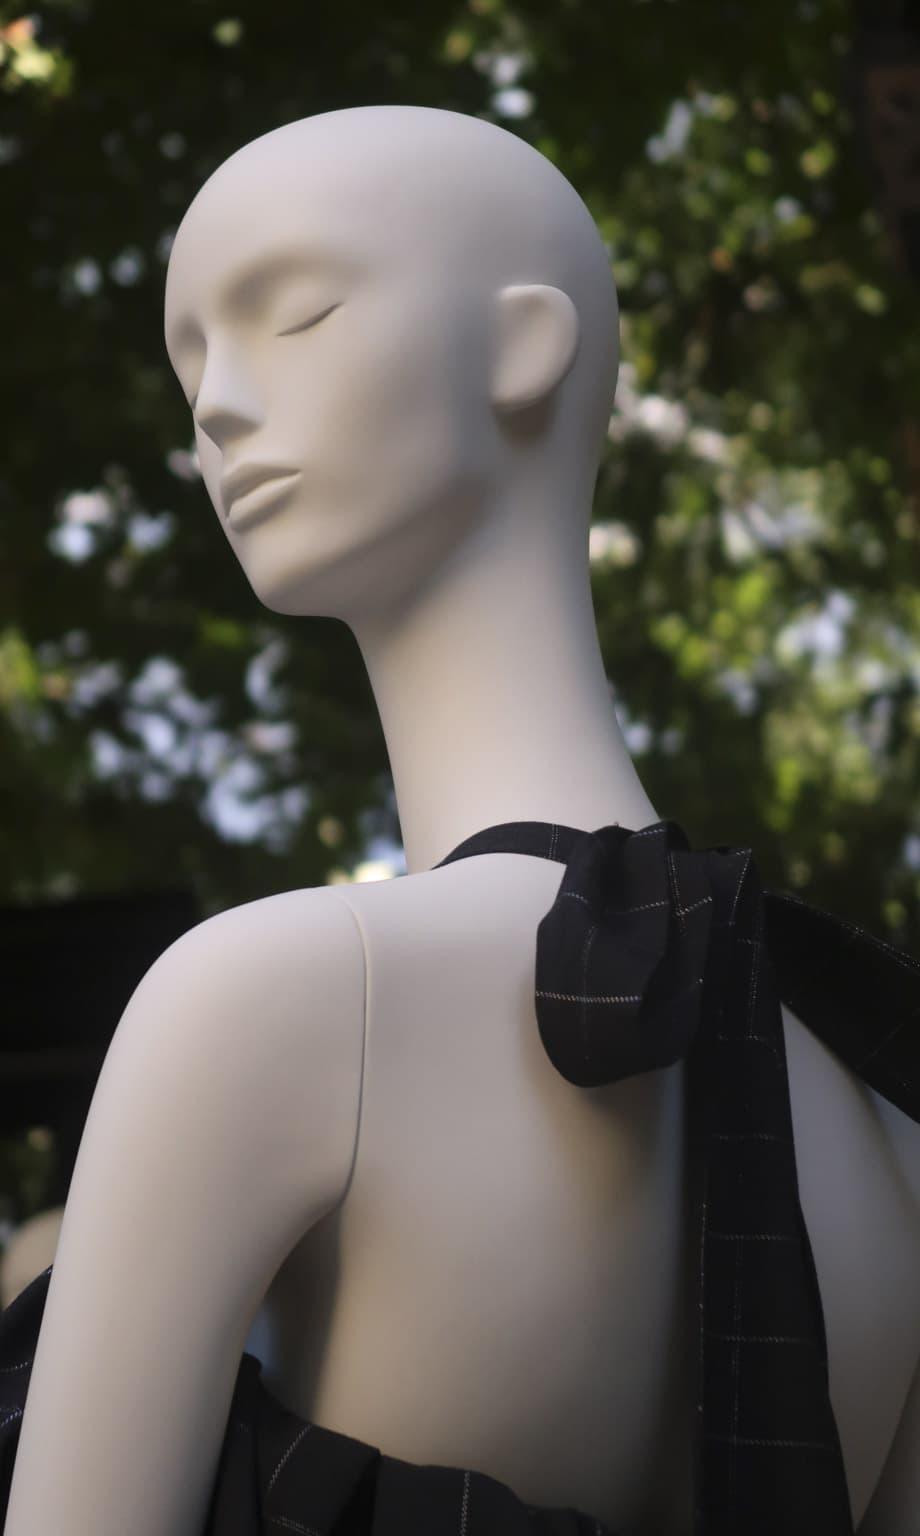 maniqui de moda grace en madrid fashion week